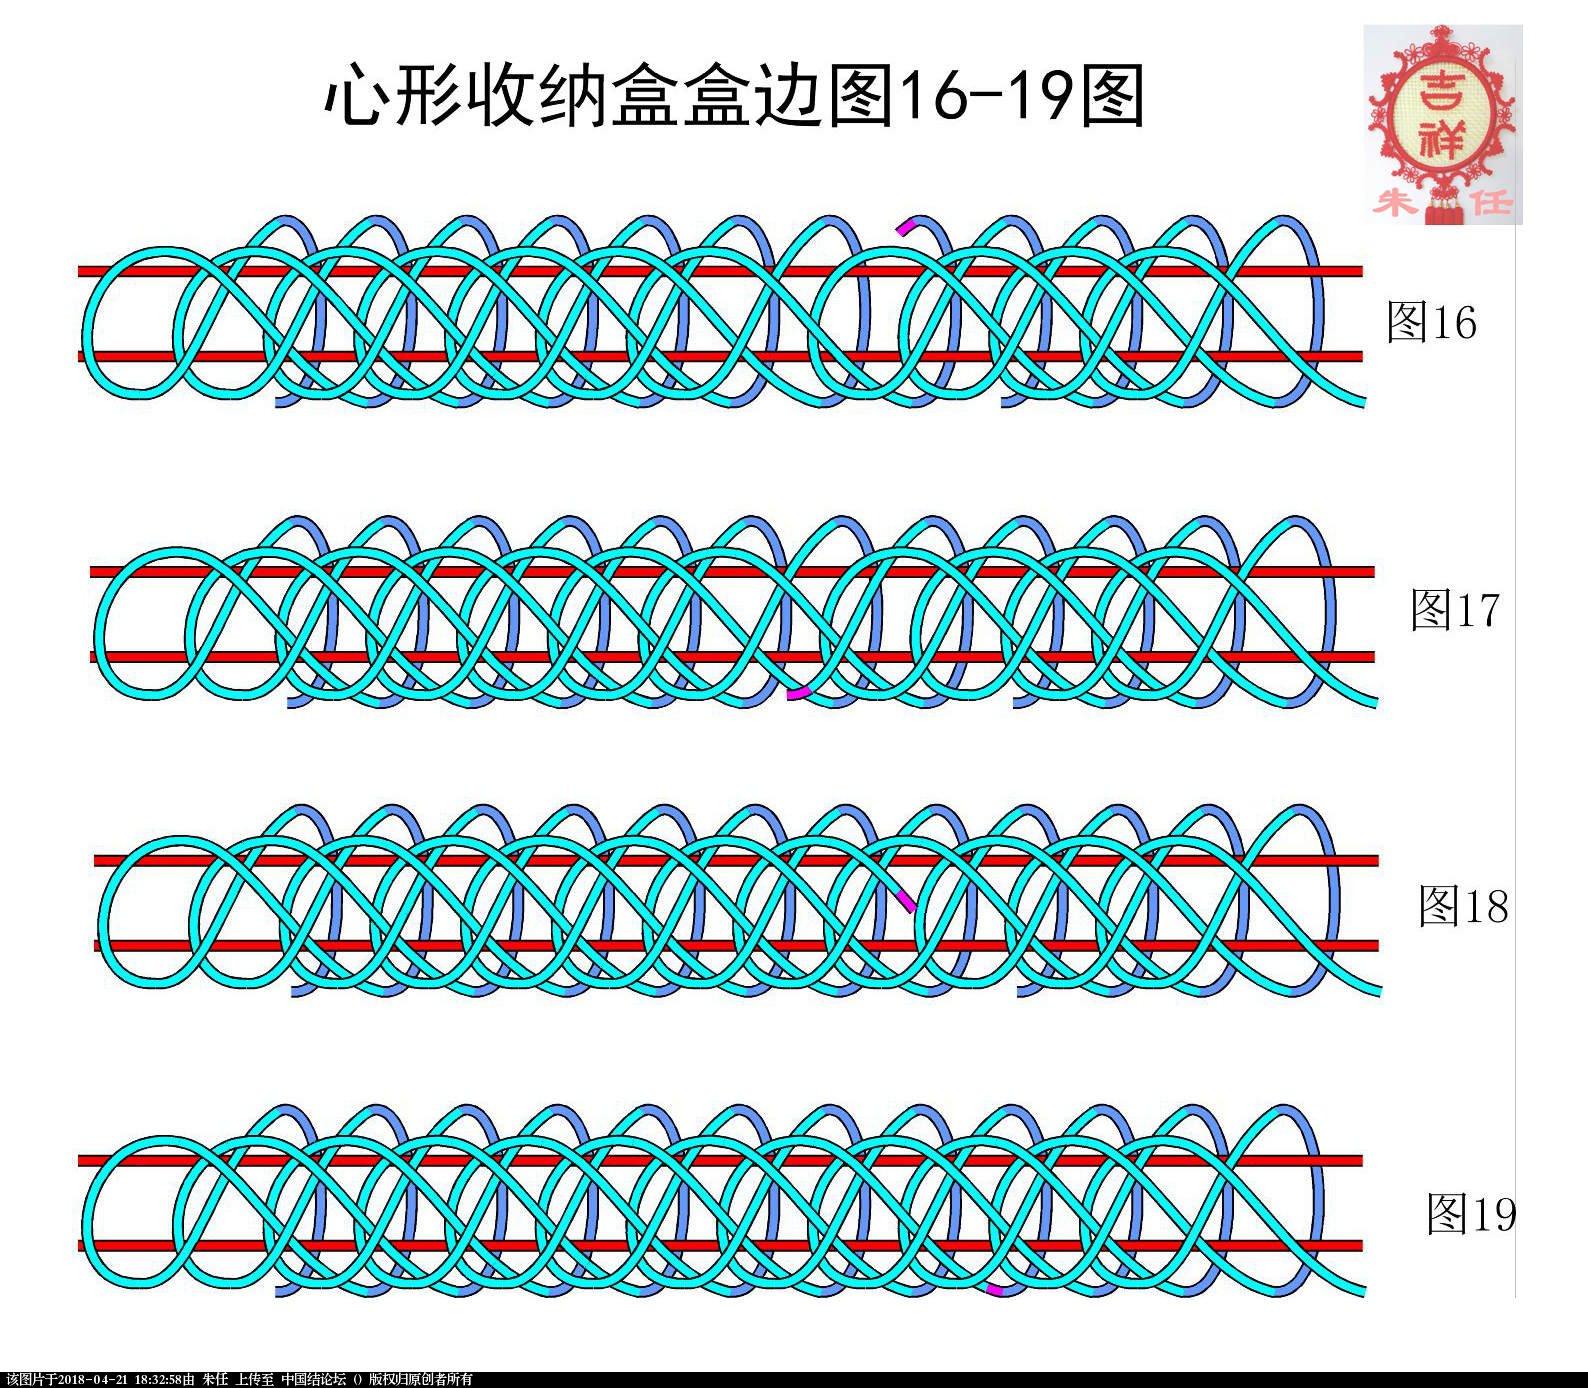 中国结论坛 为草莓花蕾的冰花结心形收纳筐及筐边画走线图  作品展示 183100ekaj1p09zzjv066j